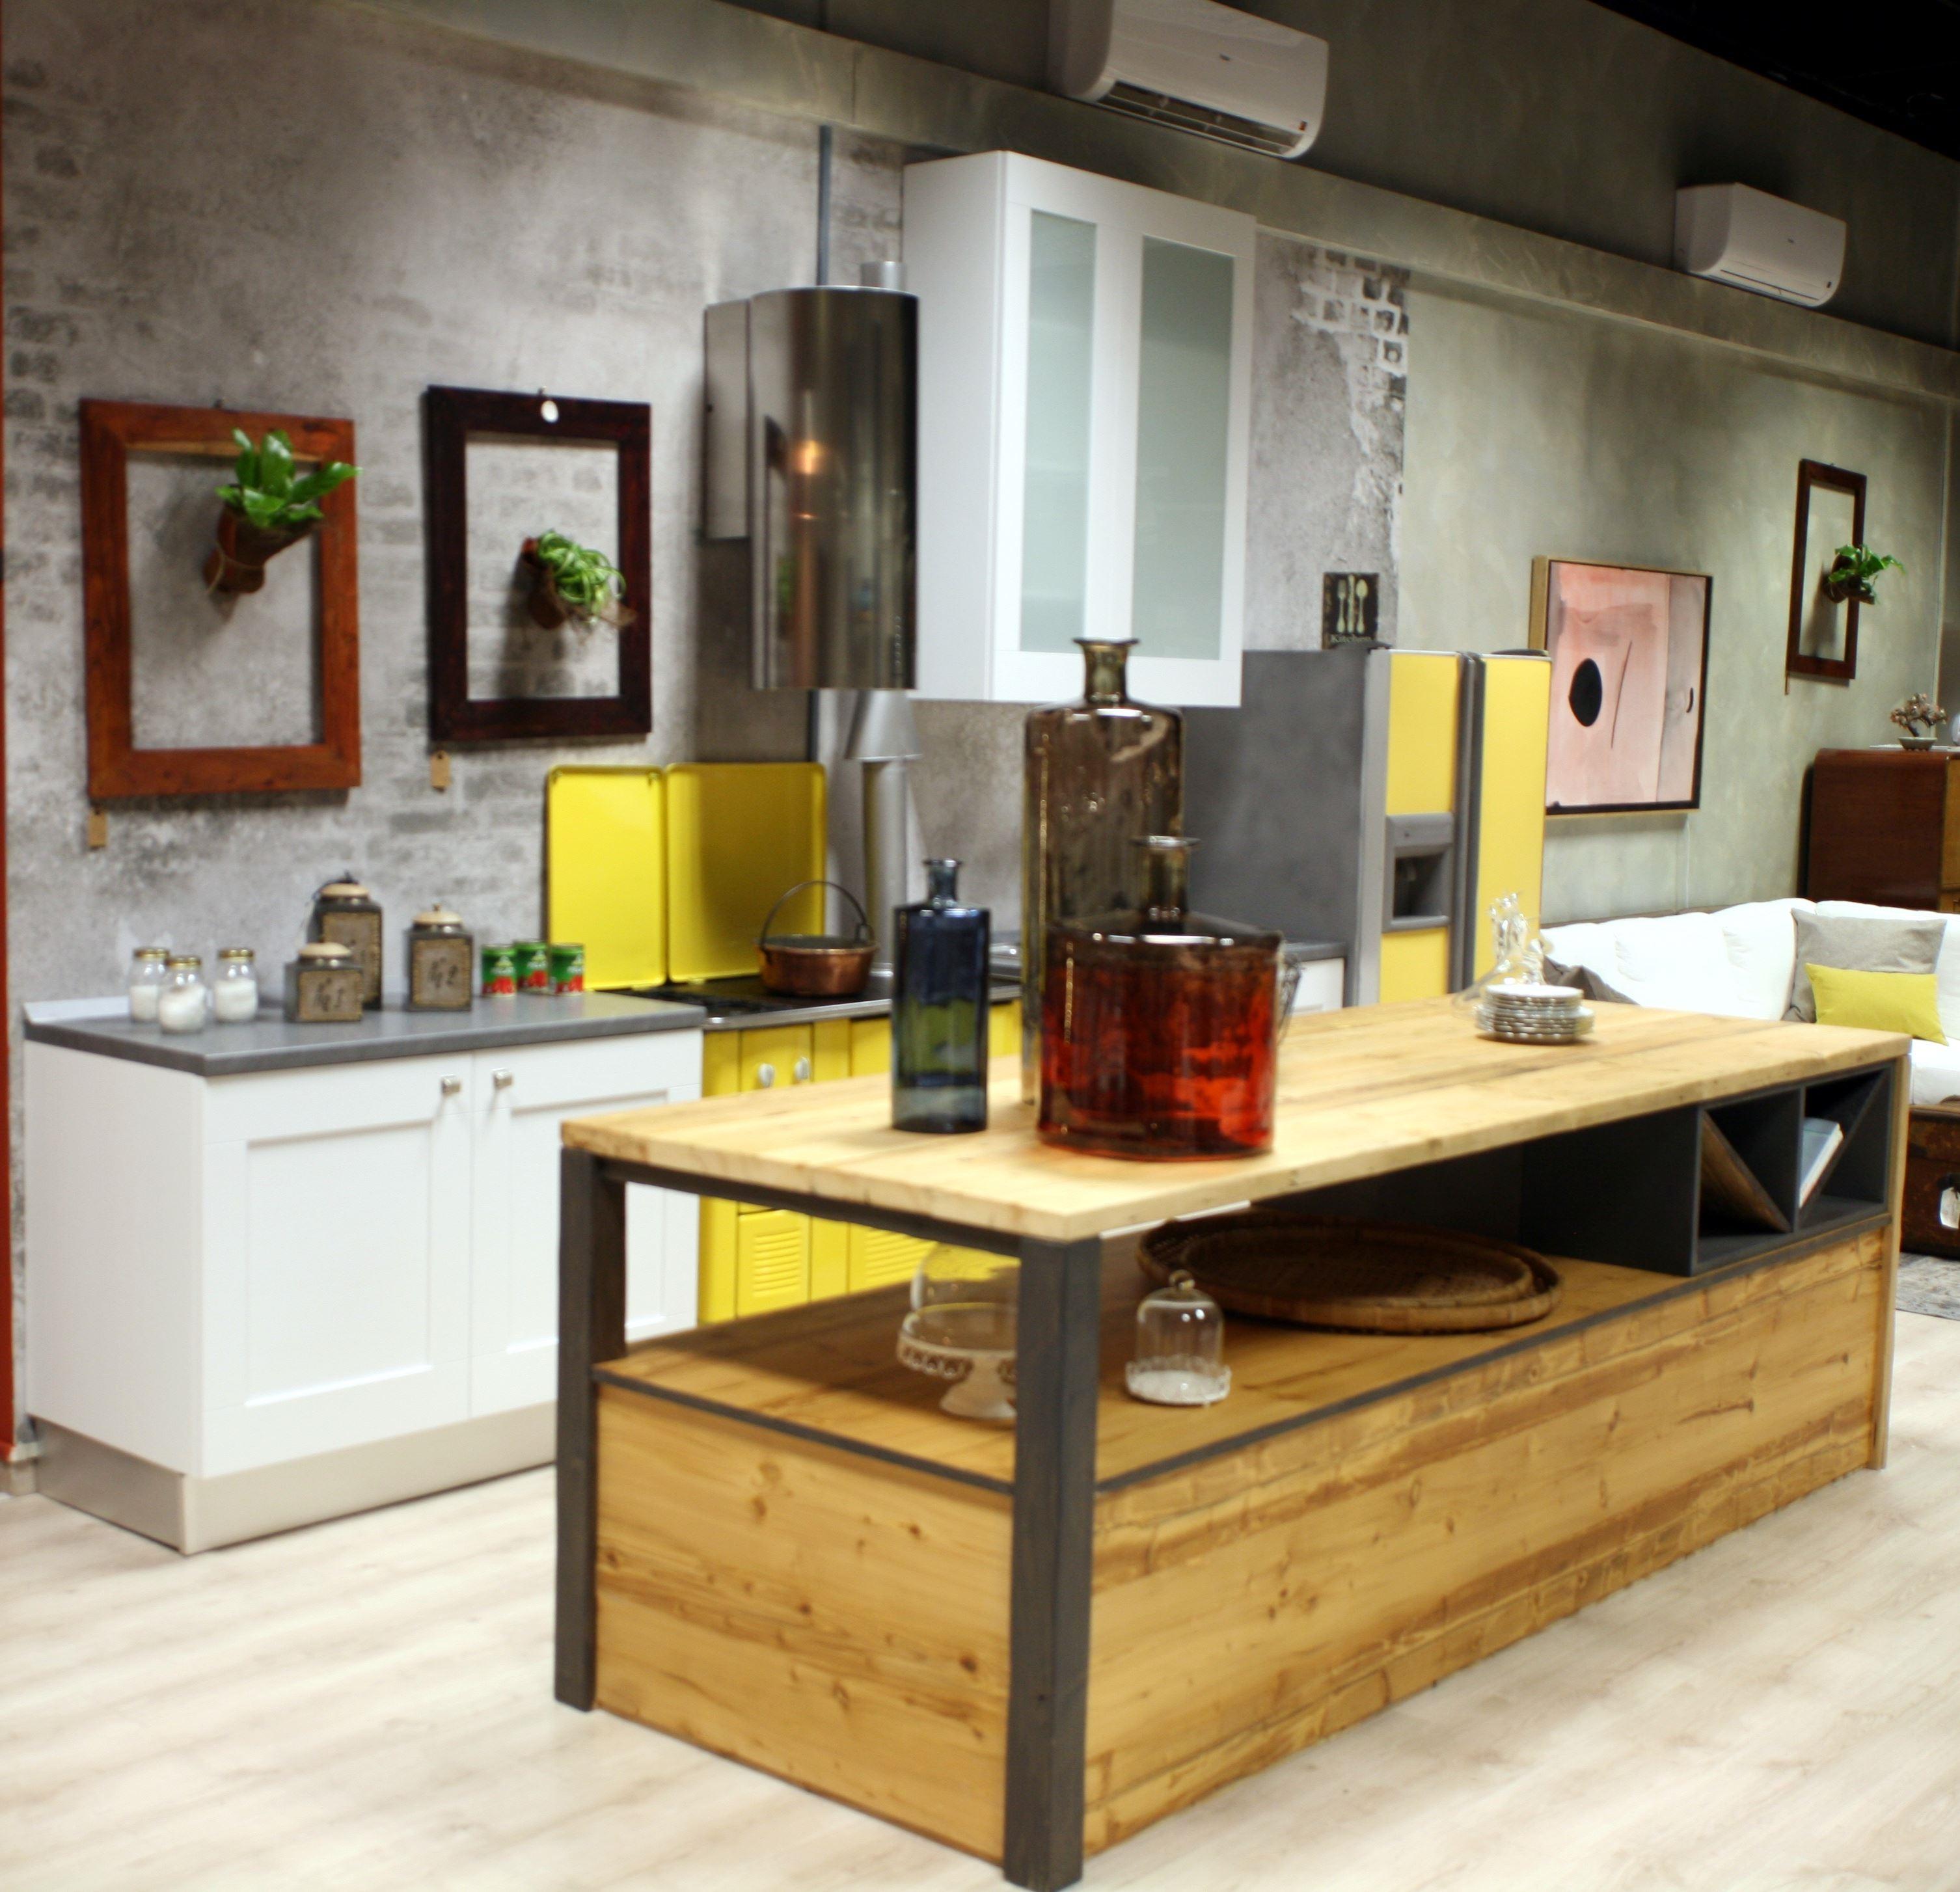 Offerta Cucina Lube Mod. Gallery In Frassino Bianco Con Isola Stile  #B4A417 3012 2908 Arredo Cucina Stile Industriale